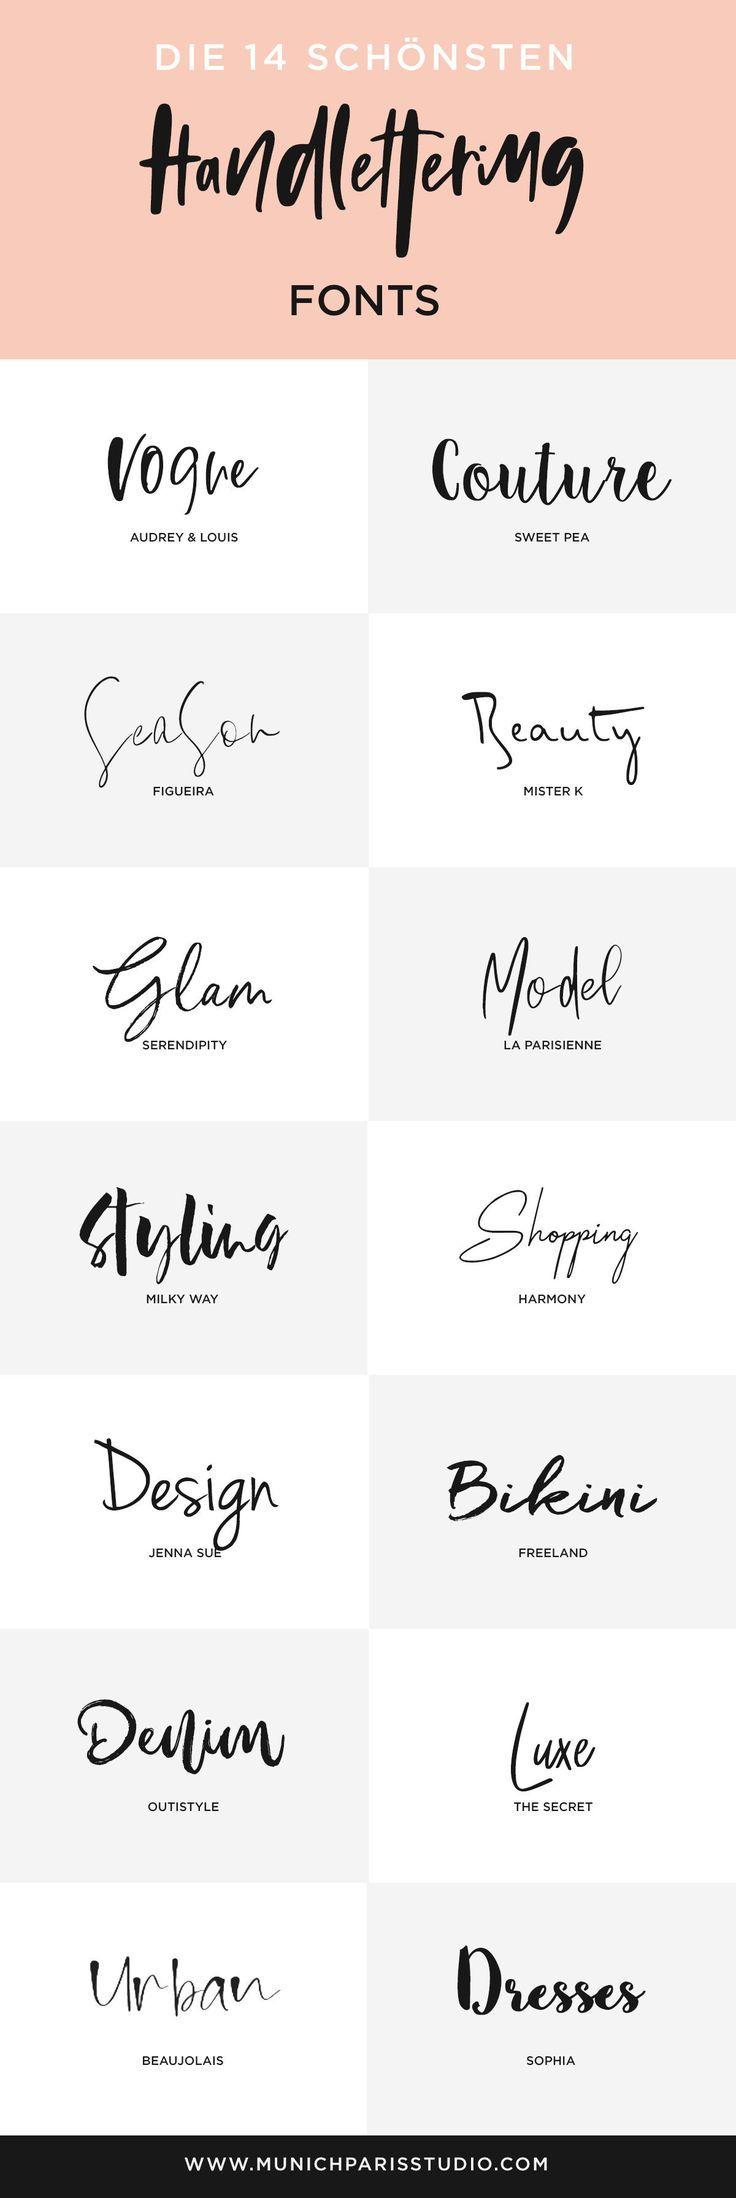 14 wunderschöne handbeschriftete Schriften für Logo & Branding #branddresses